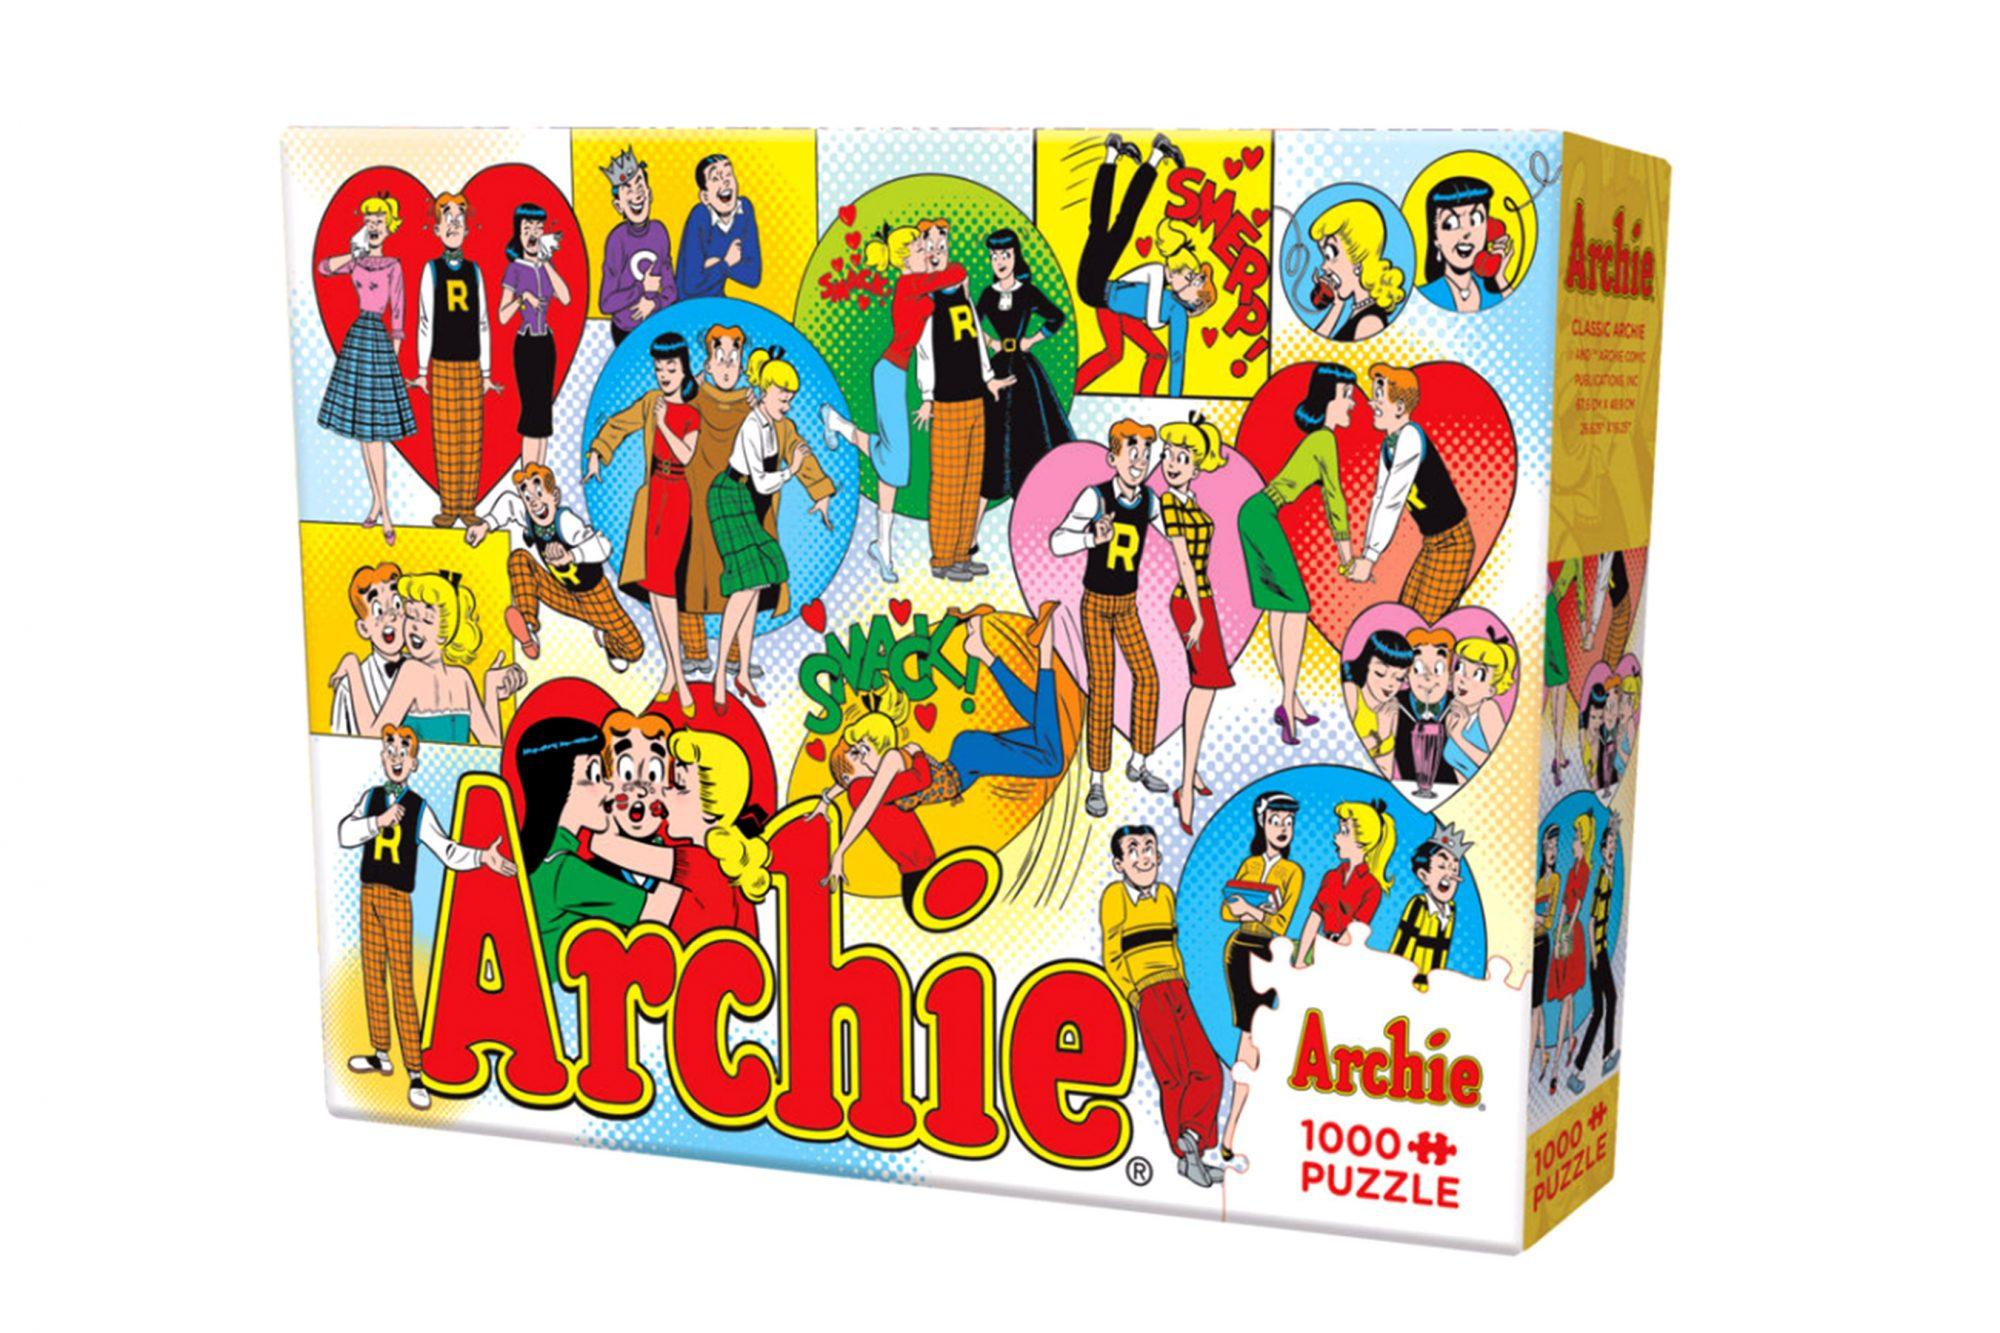 archie-puzzle